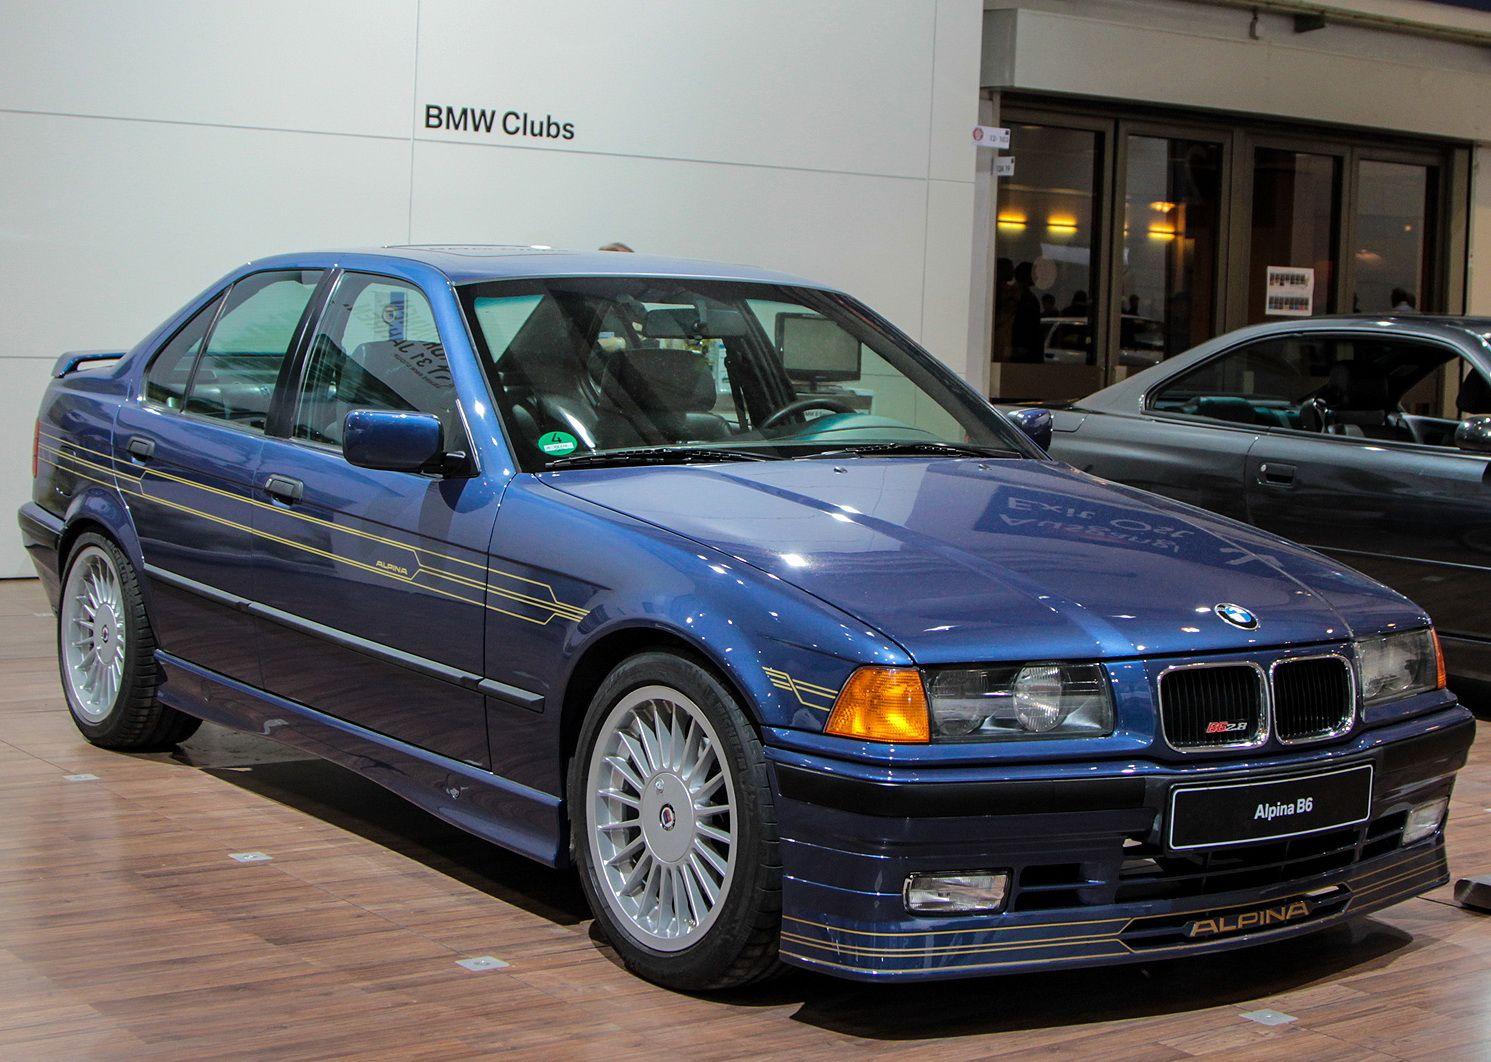 Bmw Alpina B6 28 E36 Bmw Alpina Bmw Bmw Compact